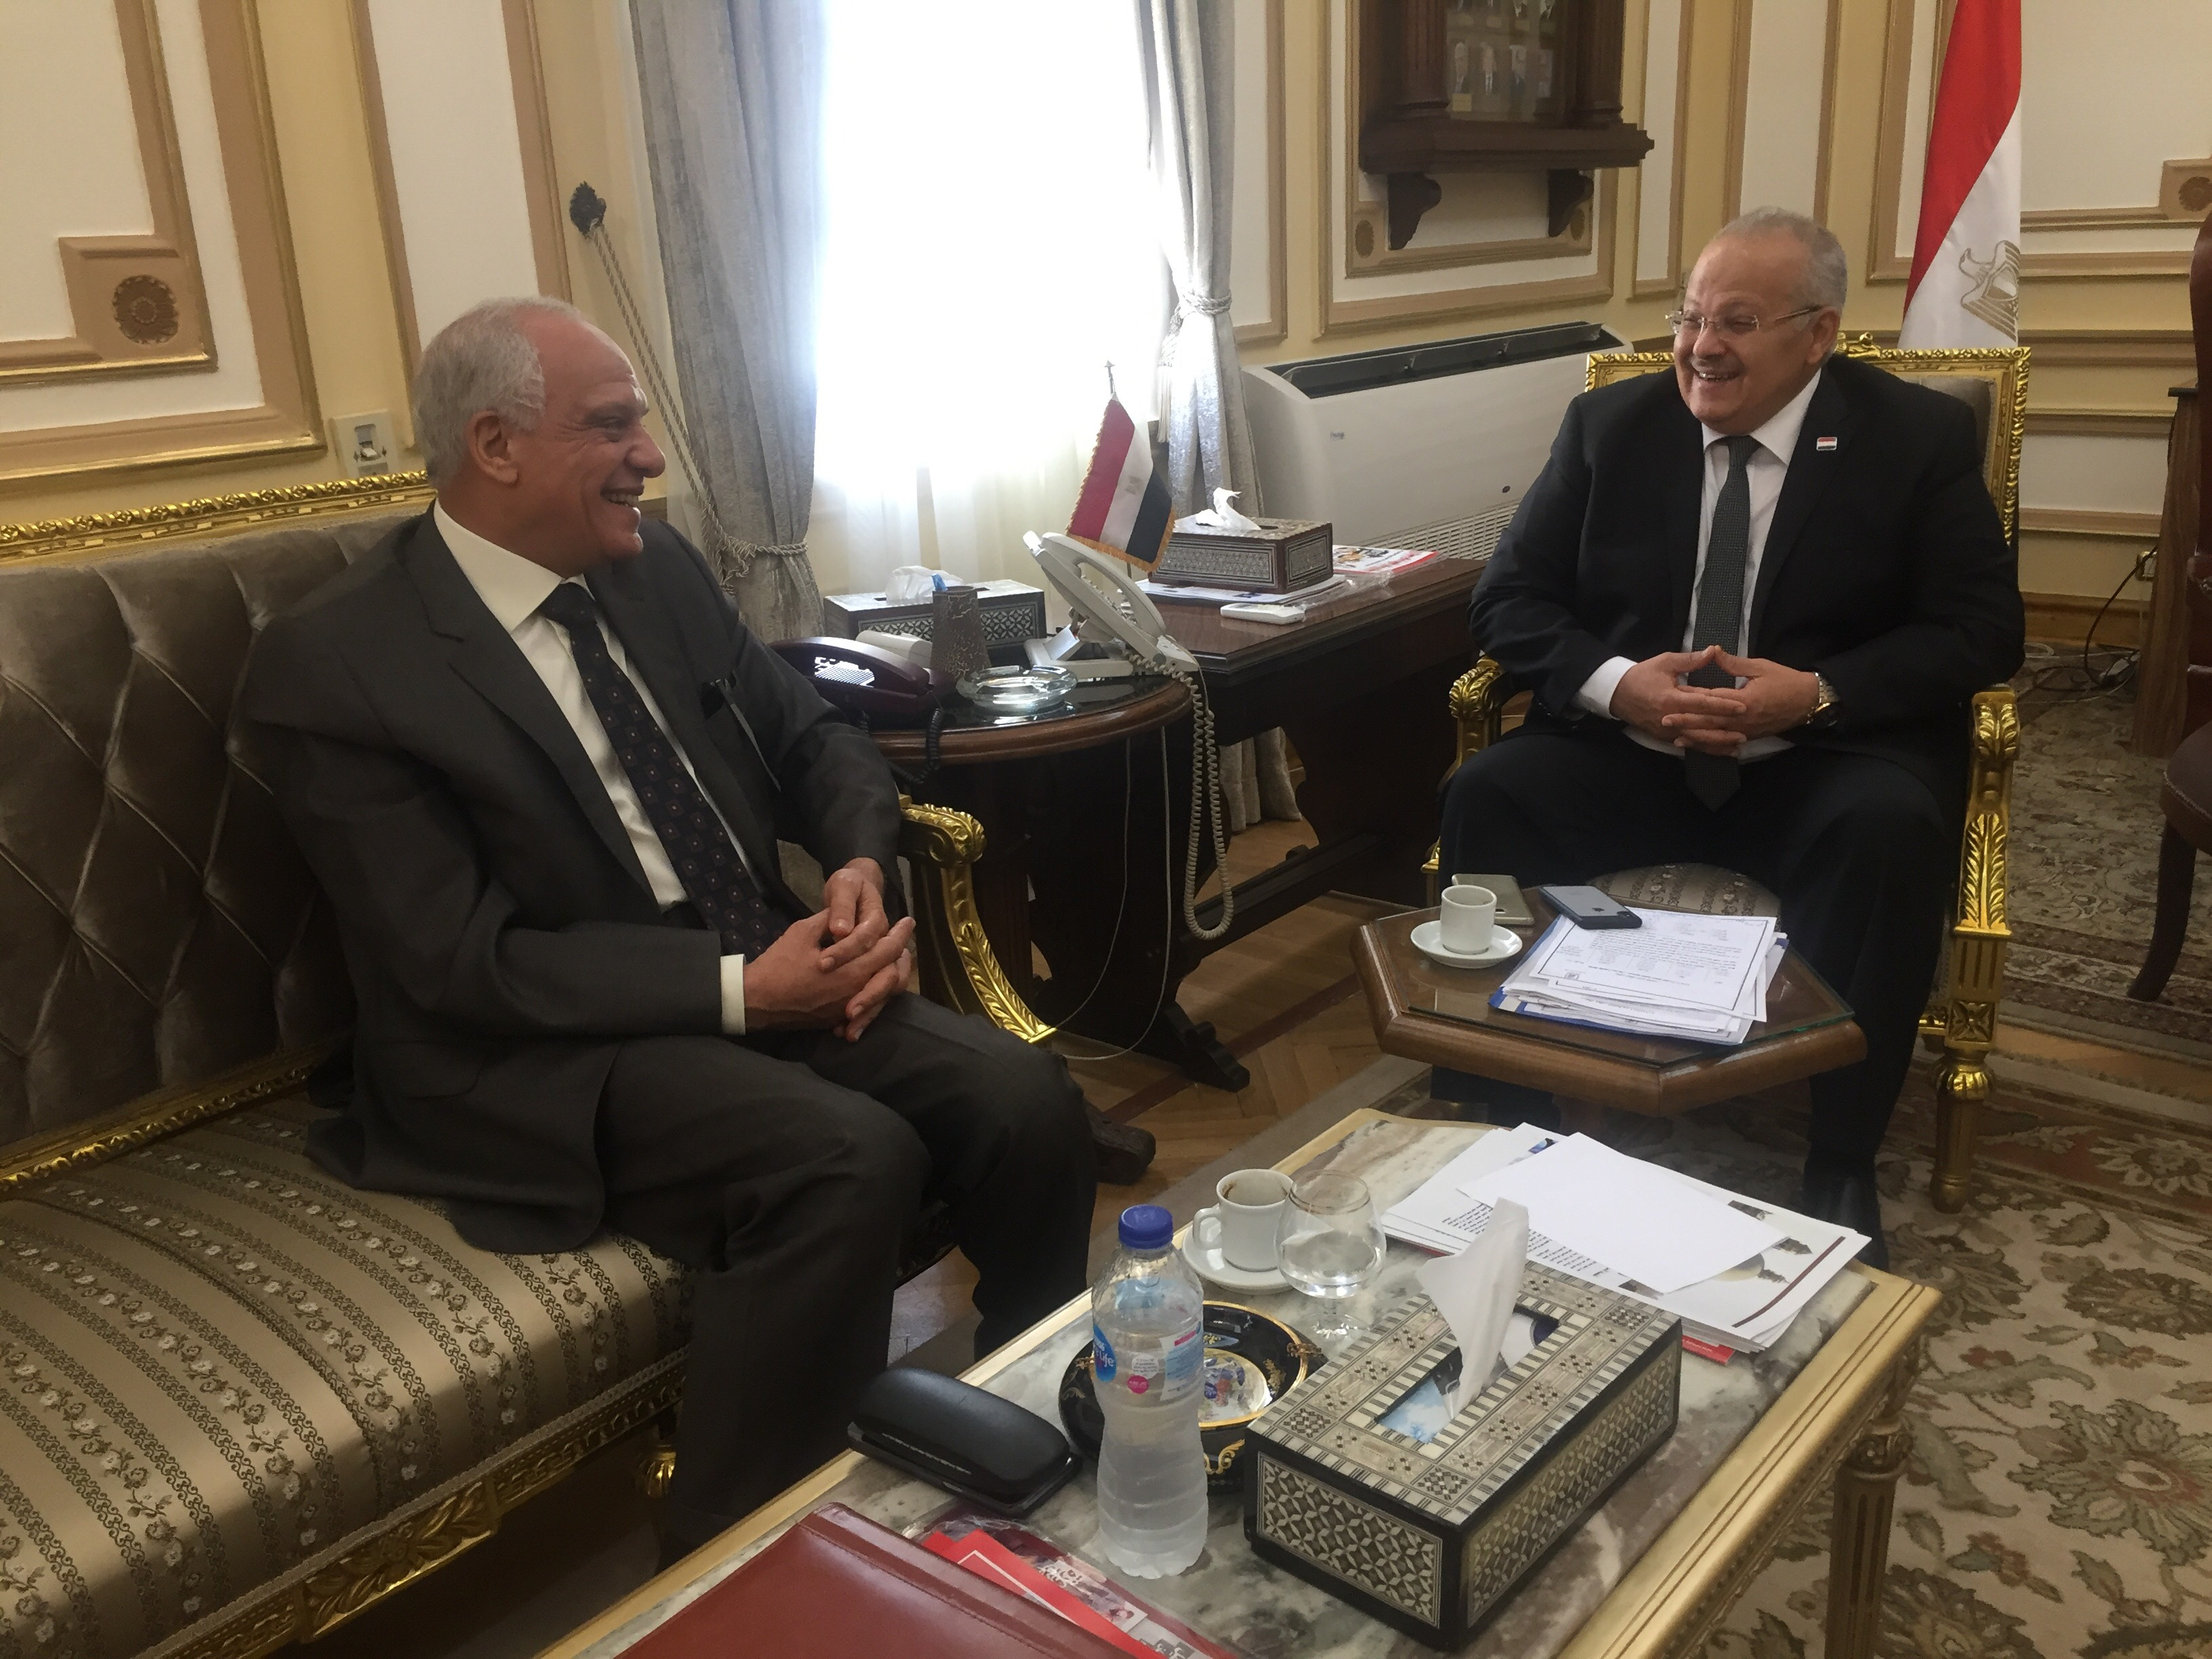 . رئيس جامعة القاهرة يستقبل محافظ الجيزة بمكتبه لبحث استعدادات العام الدراسى الجديد (2)